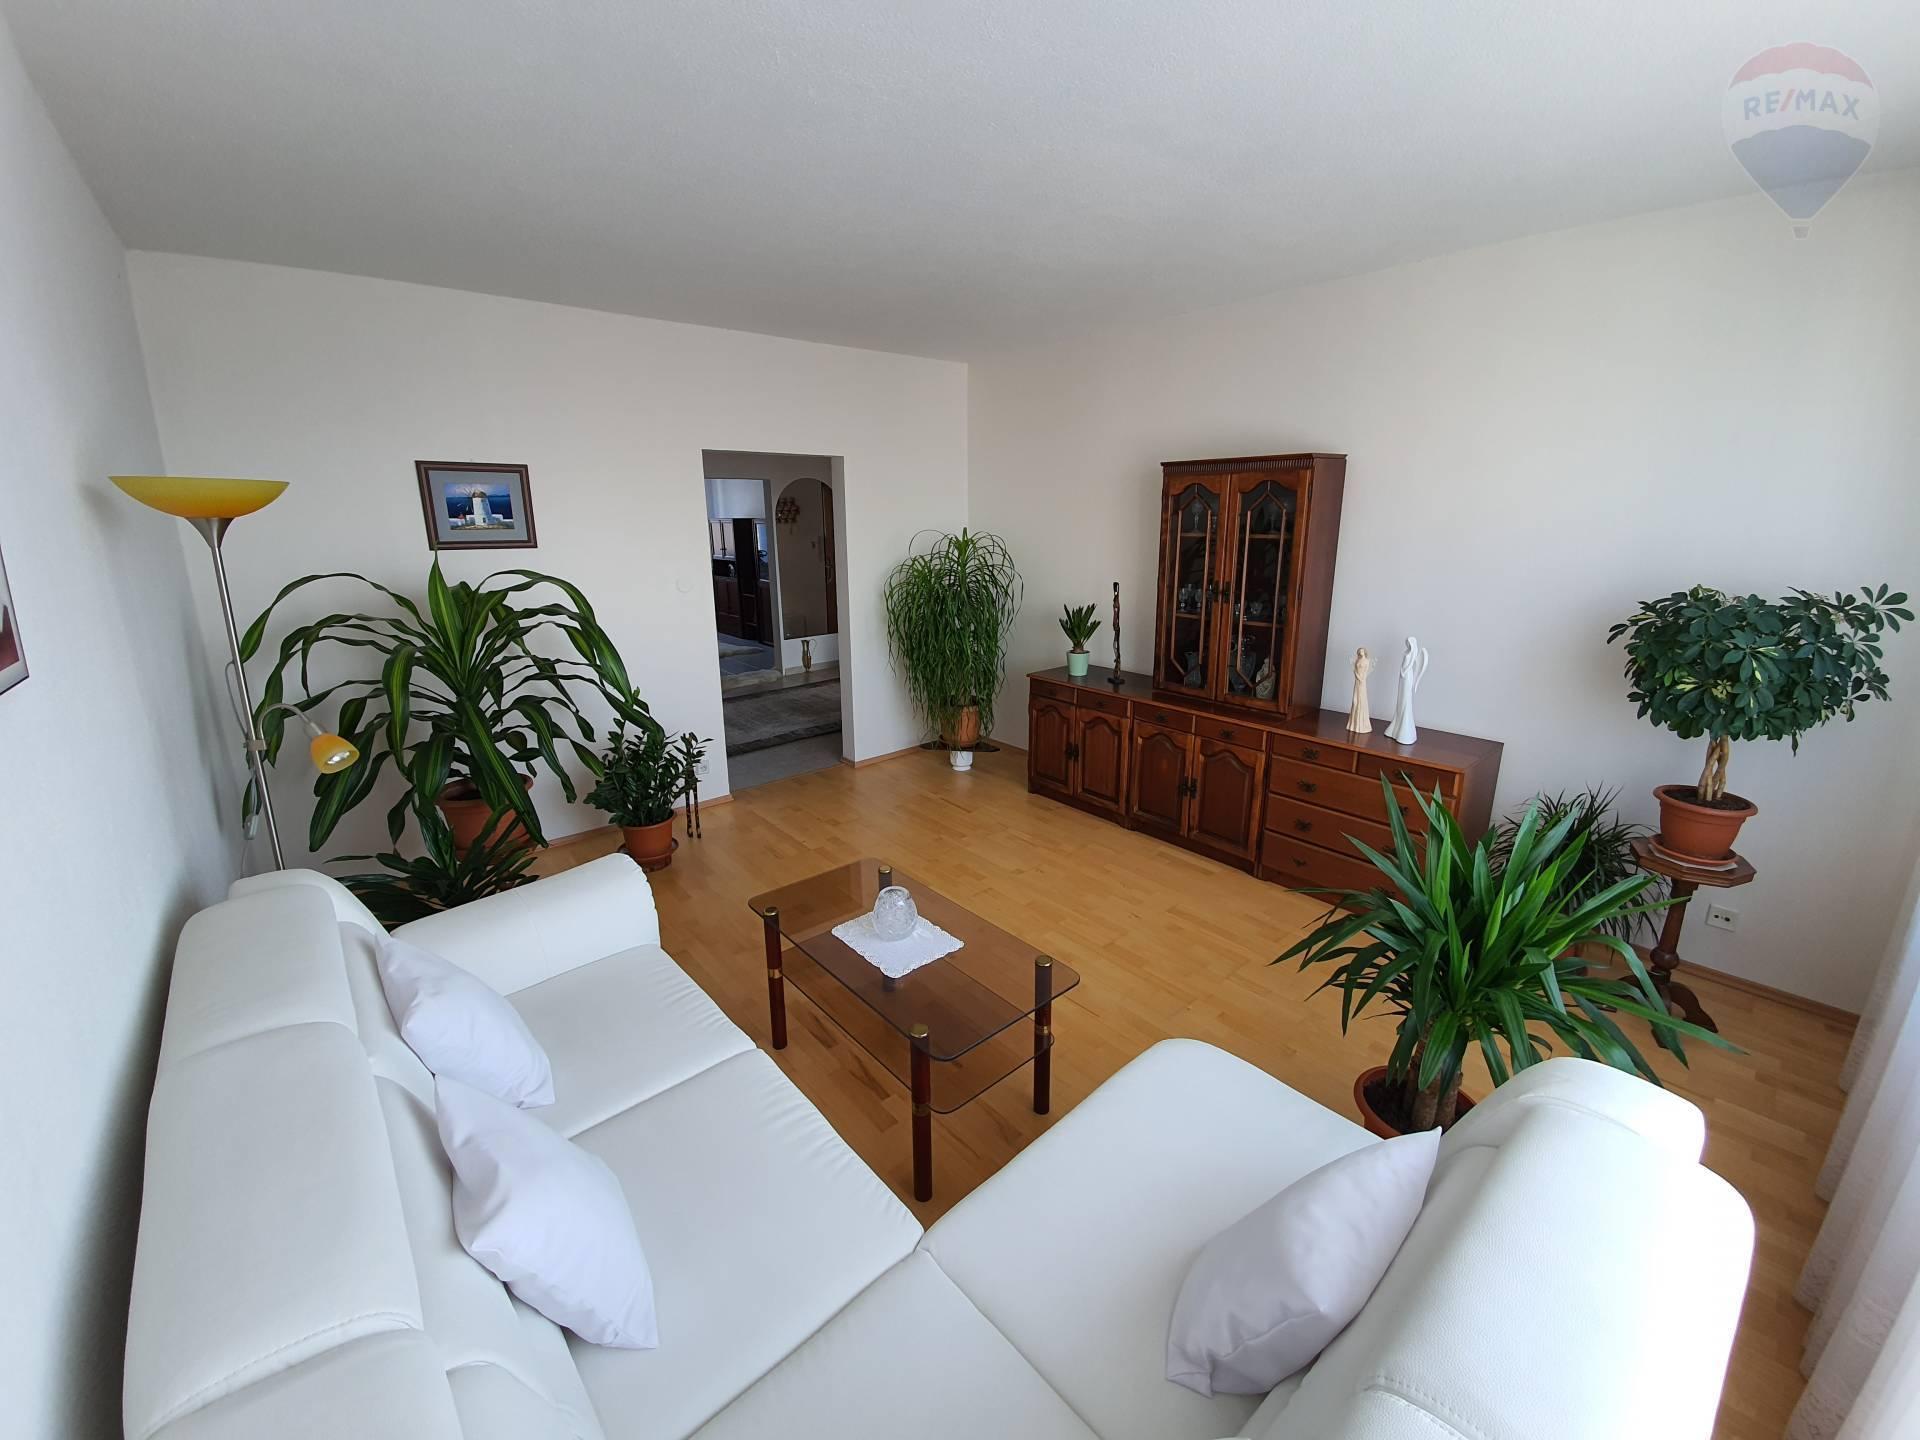 Predaj bytu (3 izbový) 63 m2, Banská Bystrica -